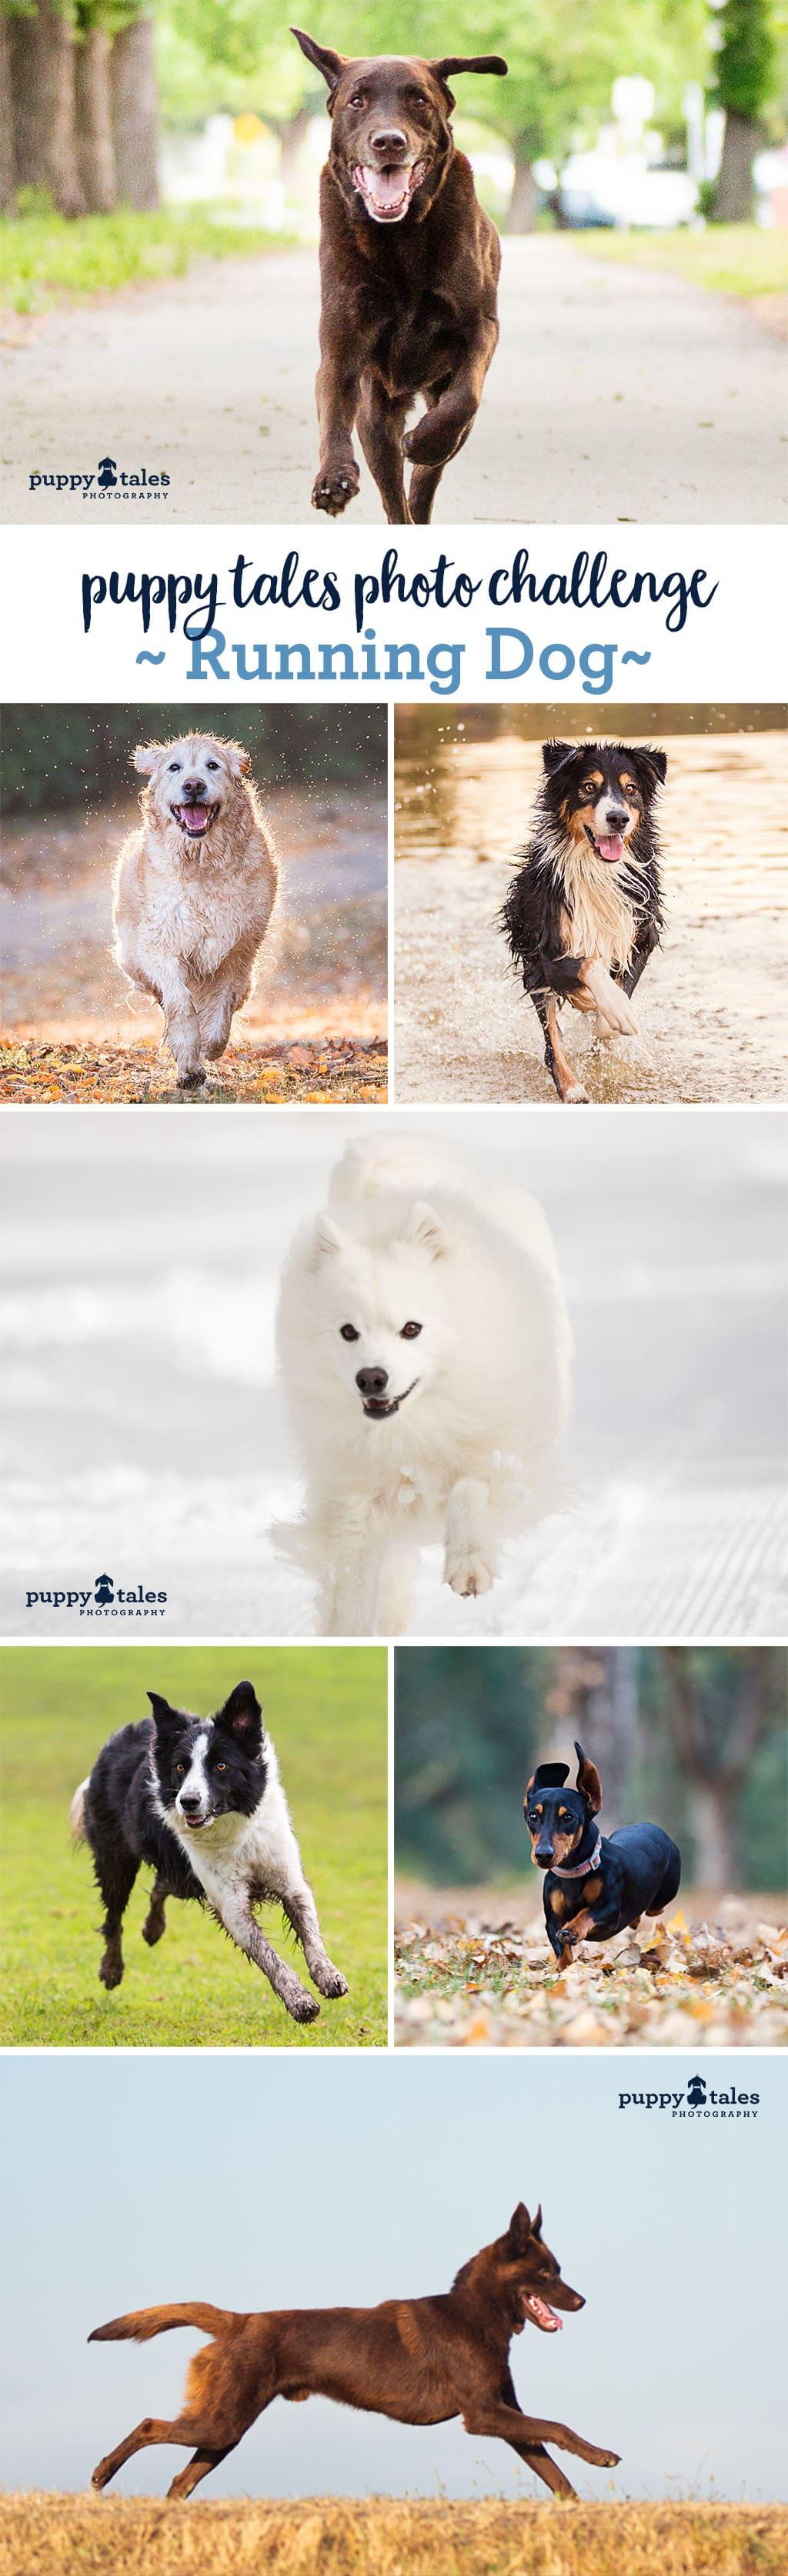 Puppy Tales Photo Challenge ~ Running Dog